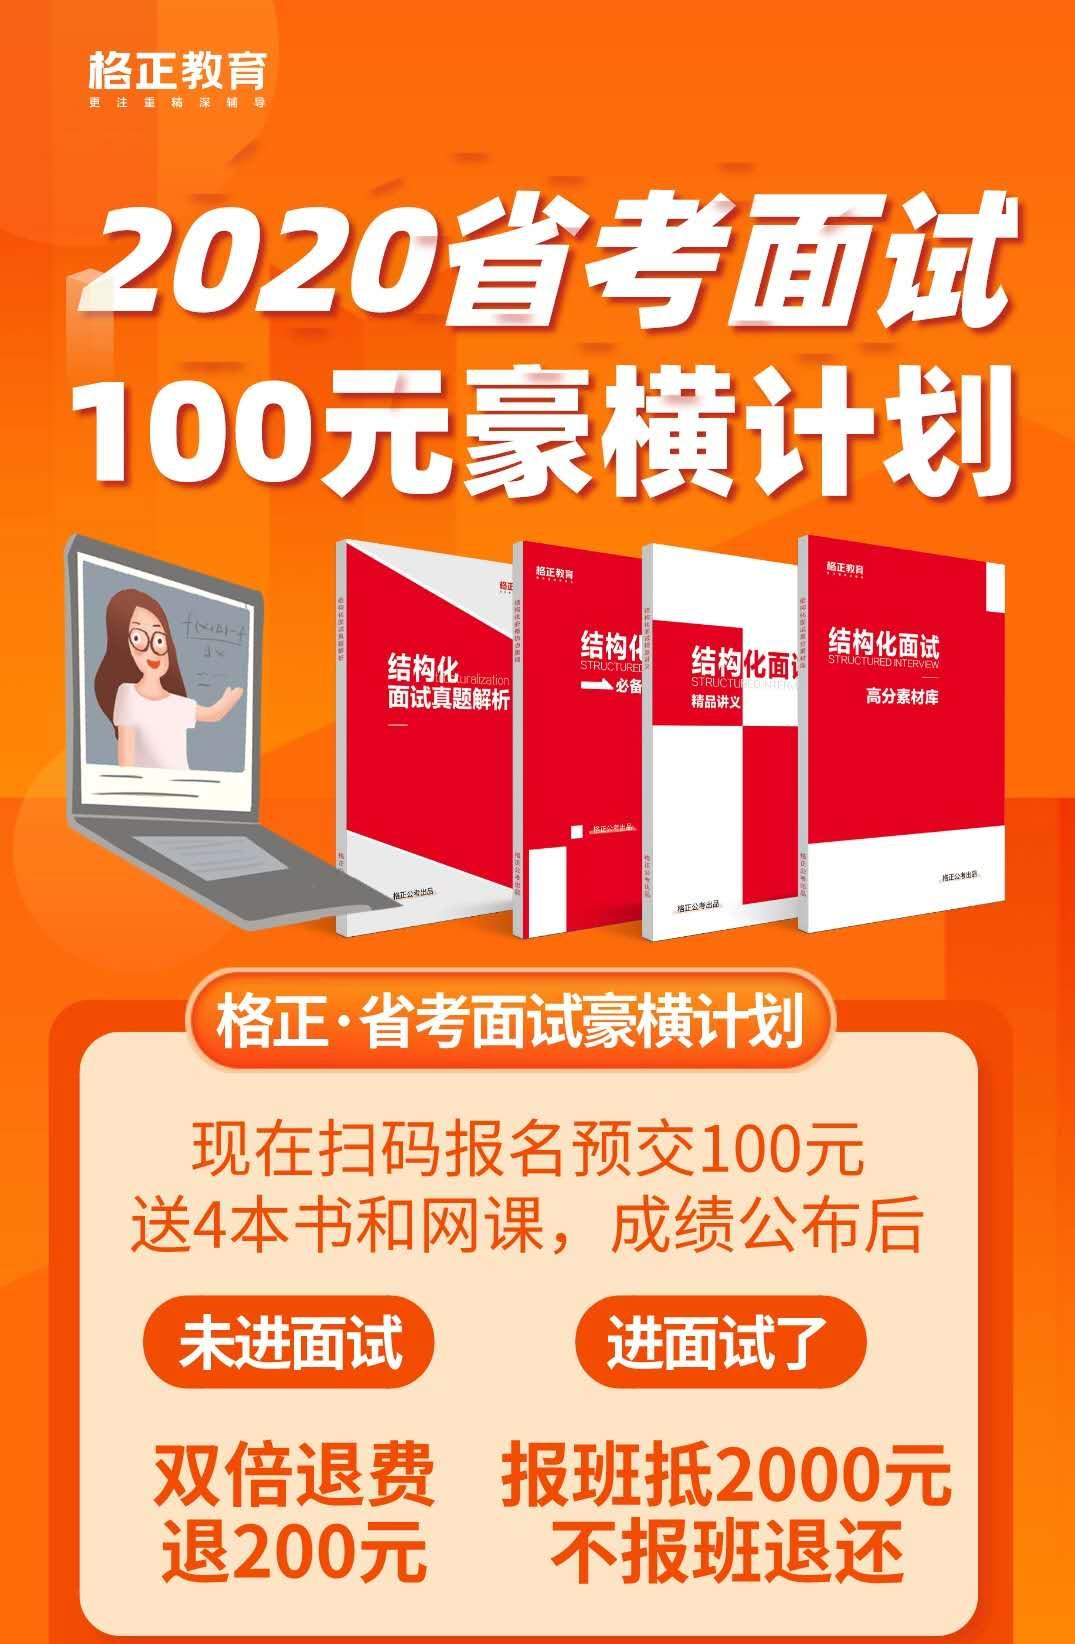 微信图片_20200908154509.jpg